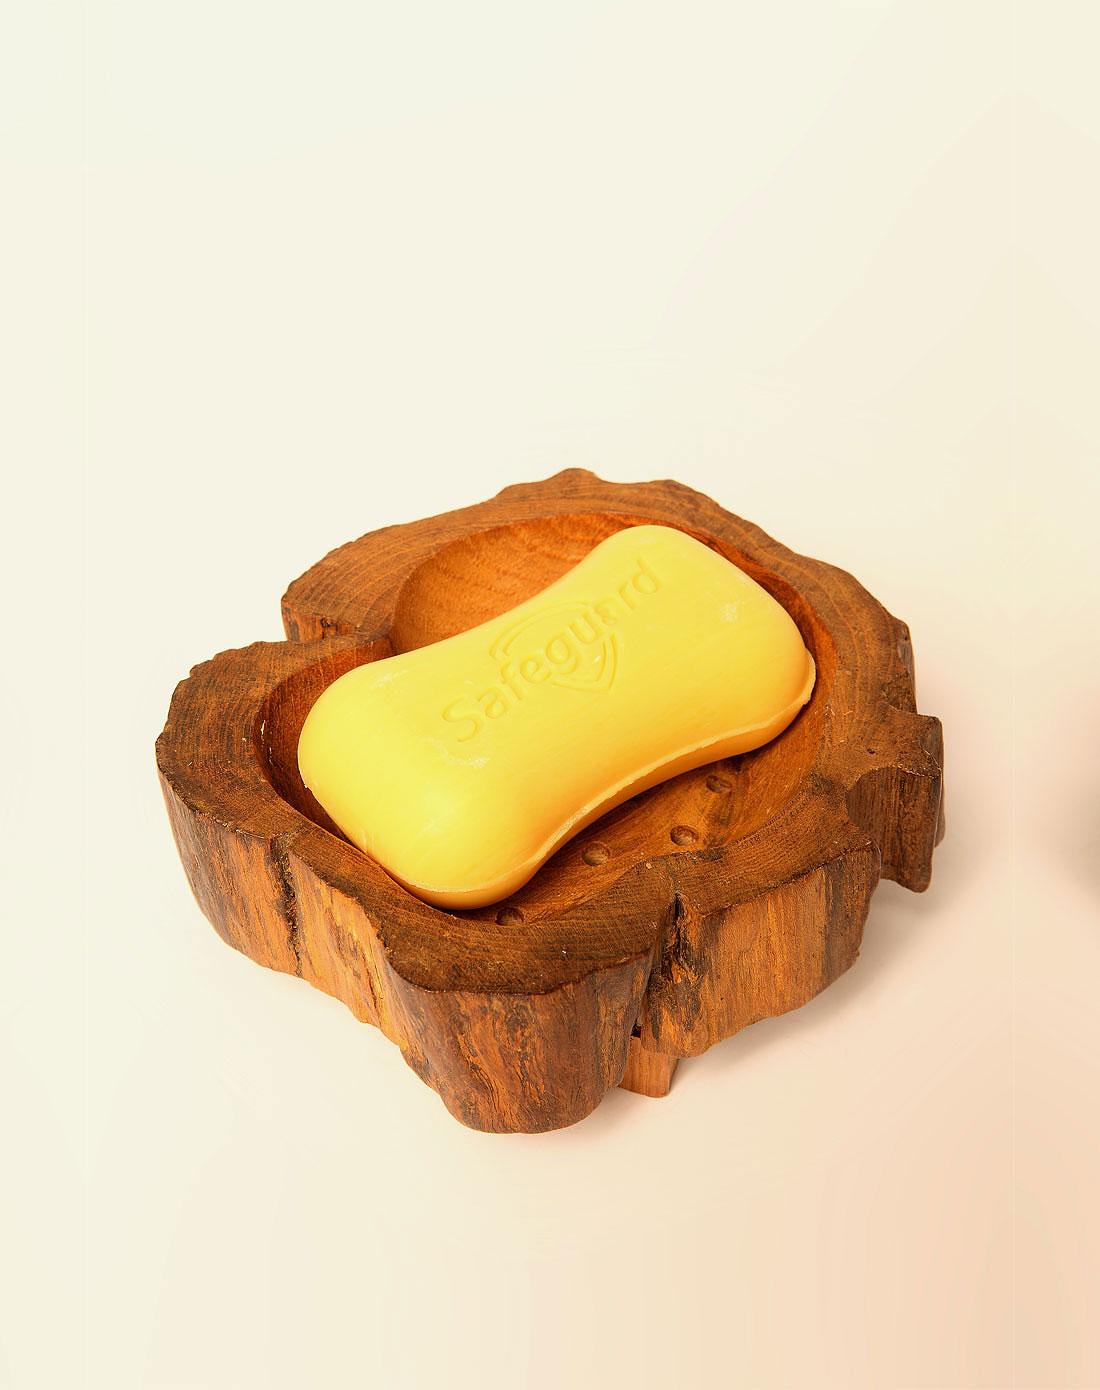 肥皂盒(手工制作)